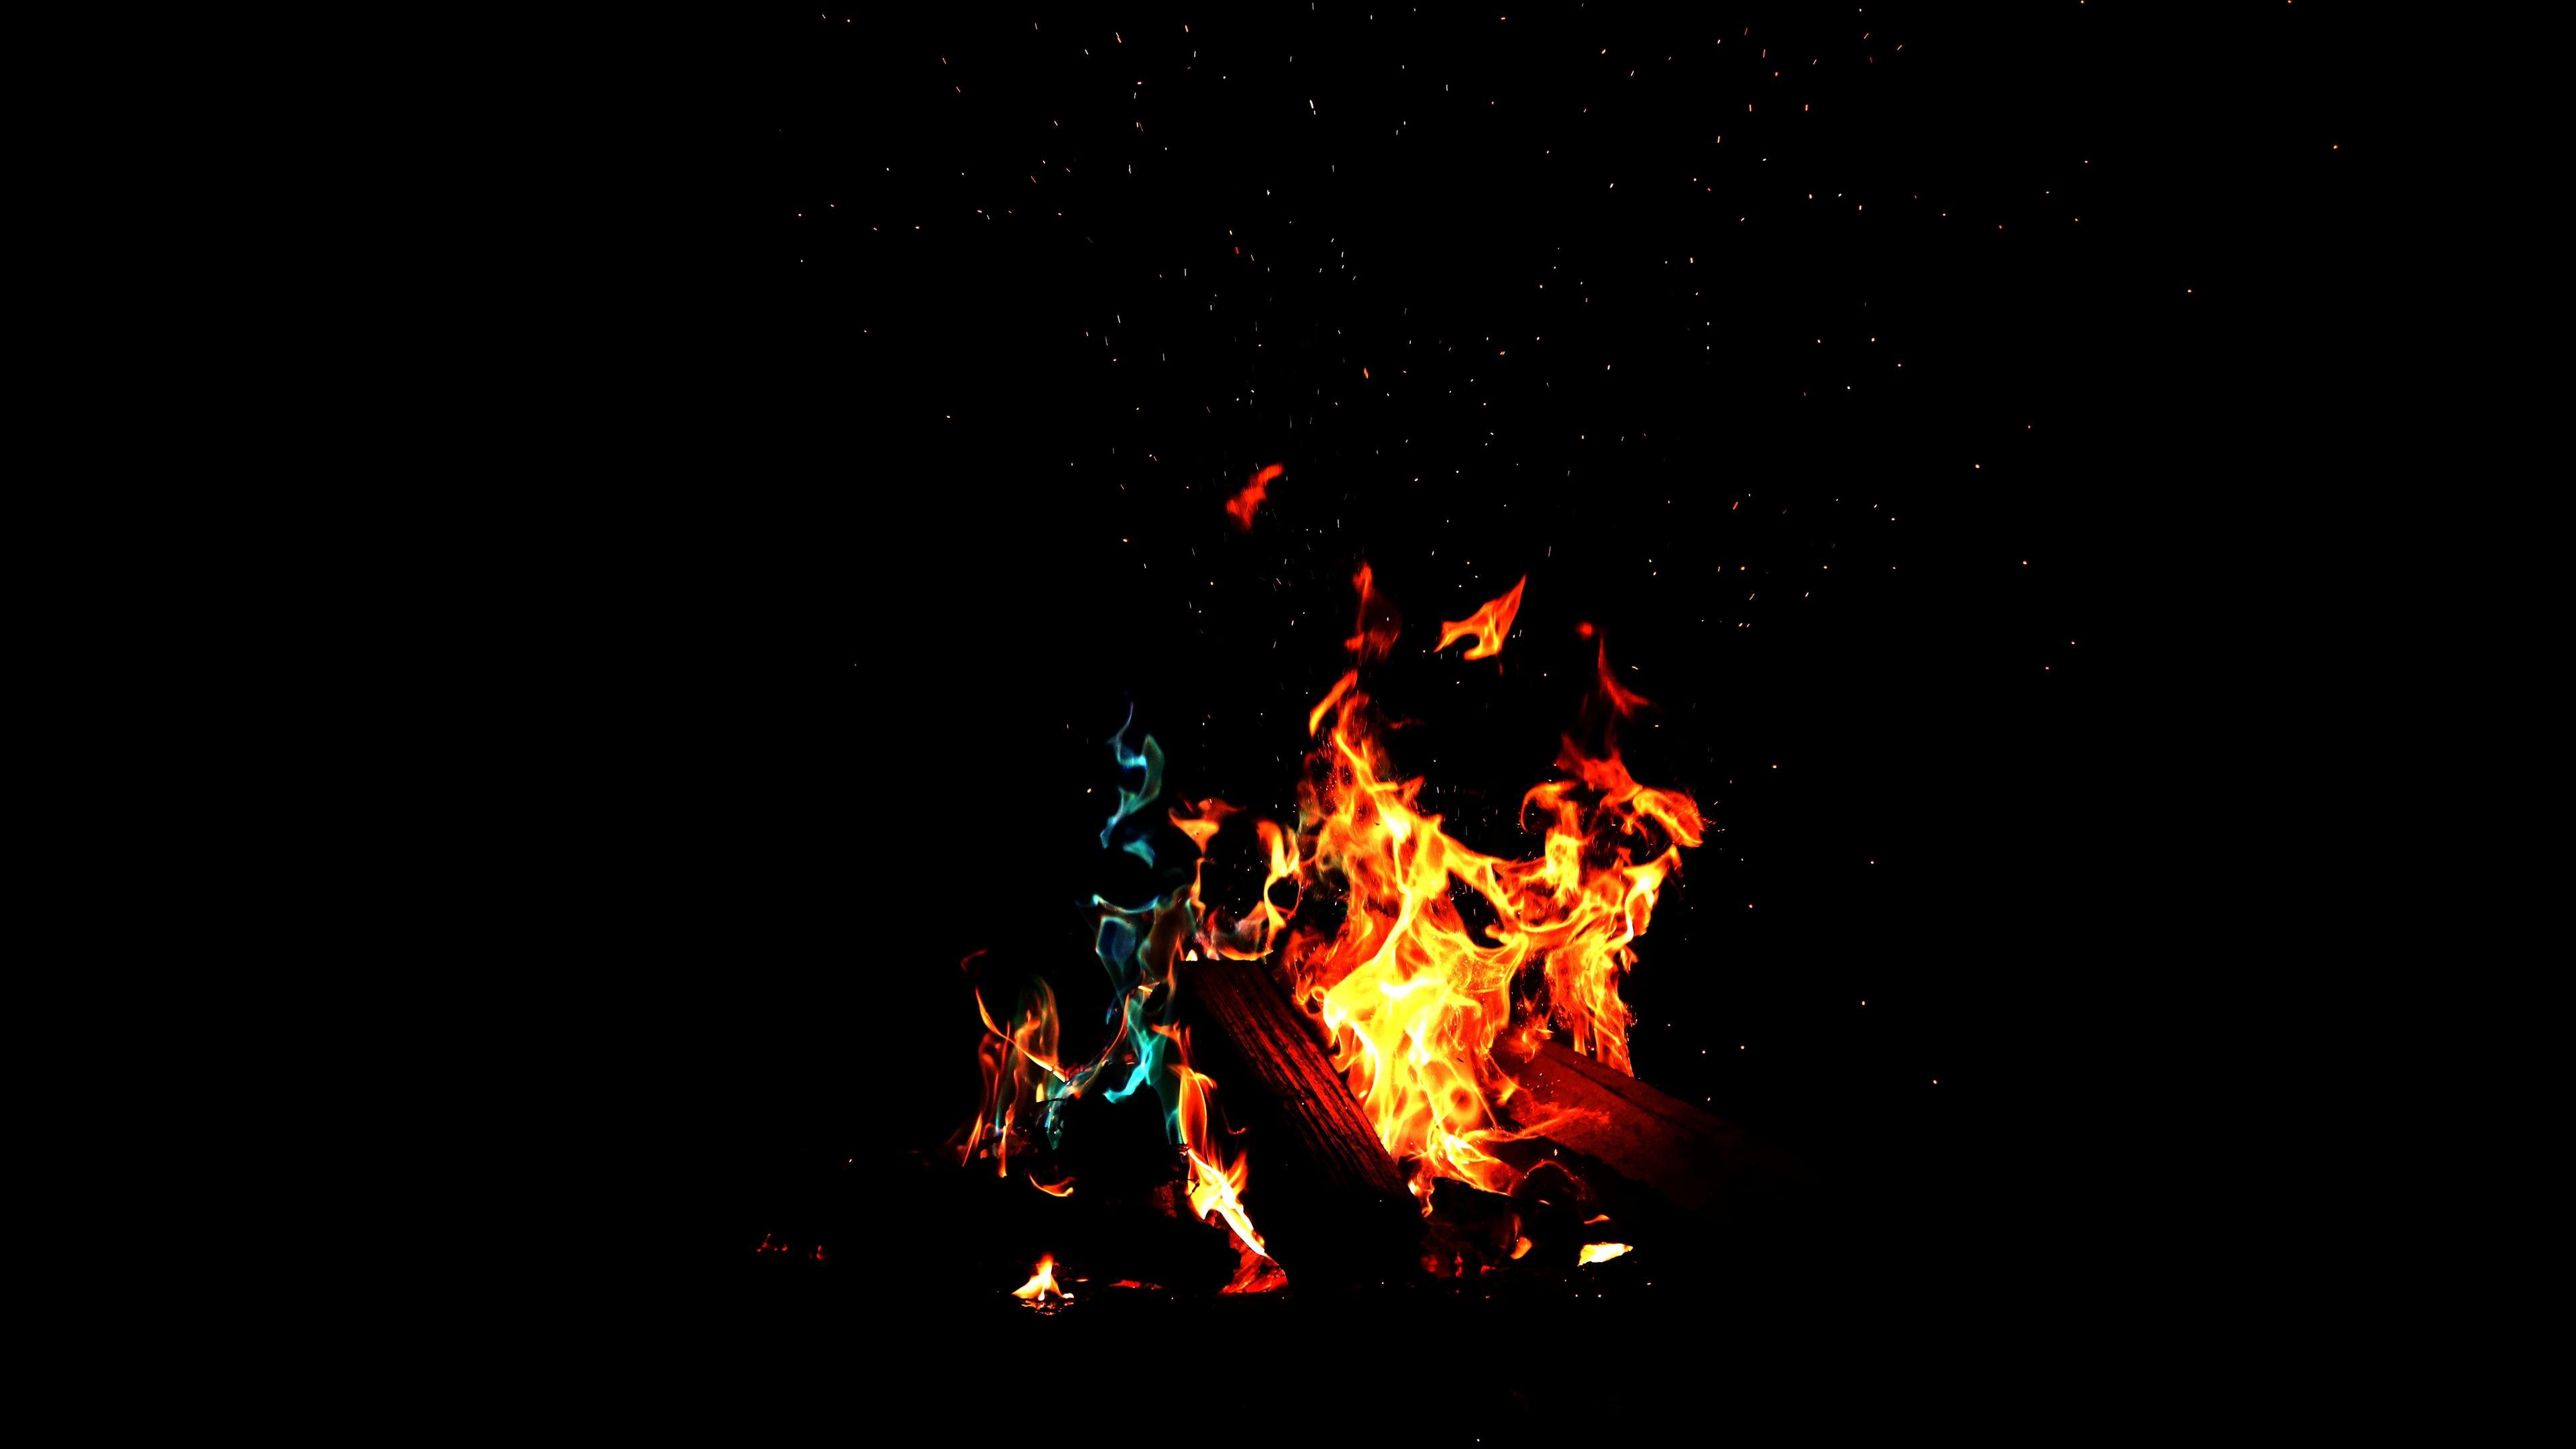 Wallpaper 4k Running Flame In Dark Forest 4k 4k Wallpapers 5k